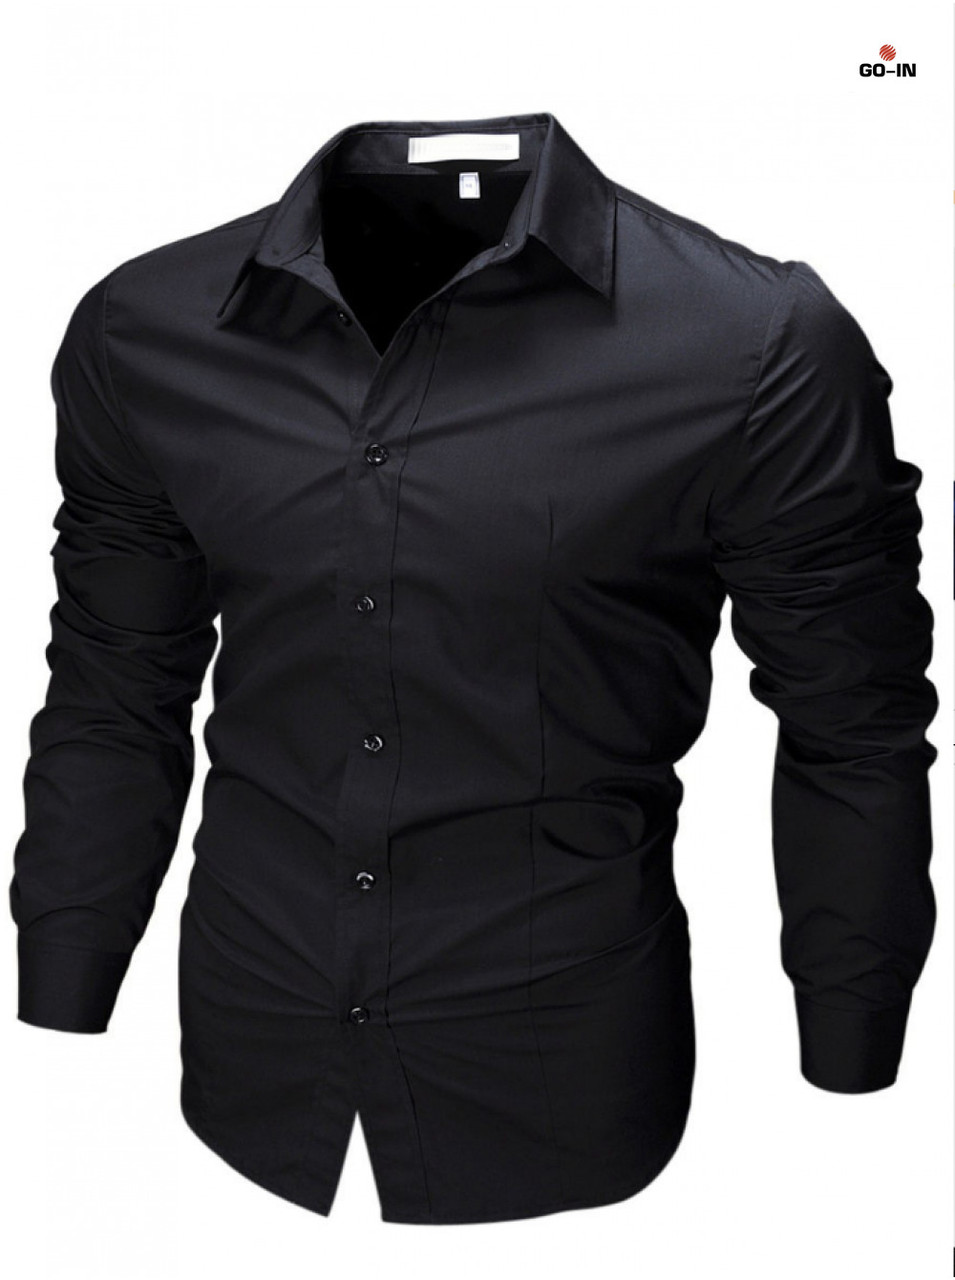 Приталенная рубашка мужская черная с длинным рукавом однотонная